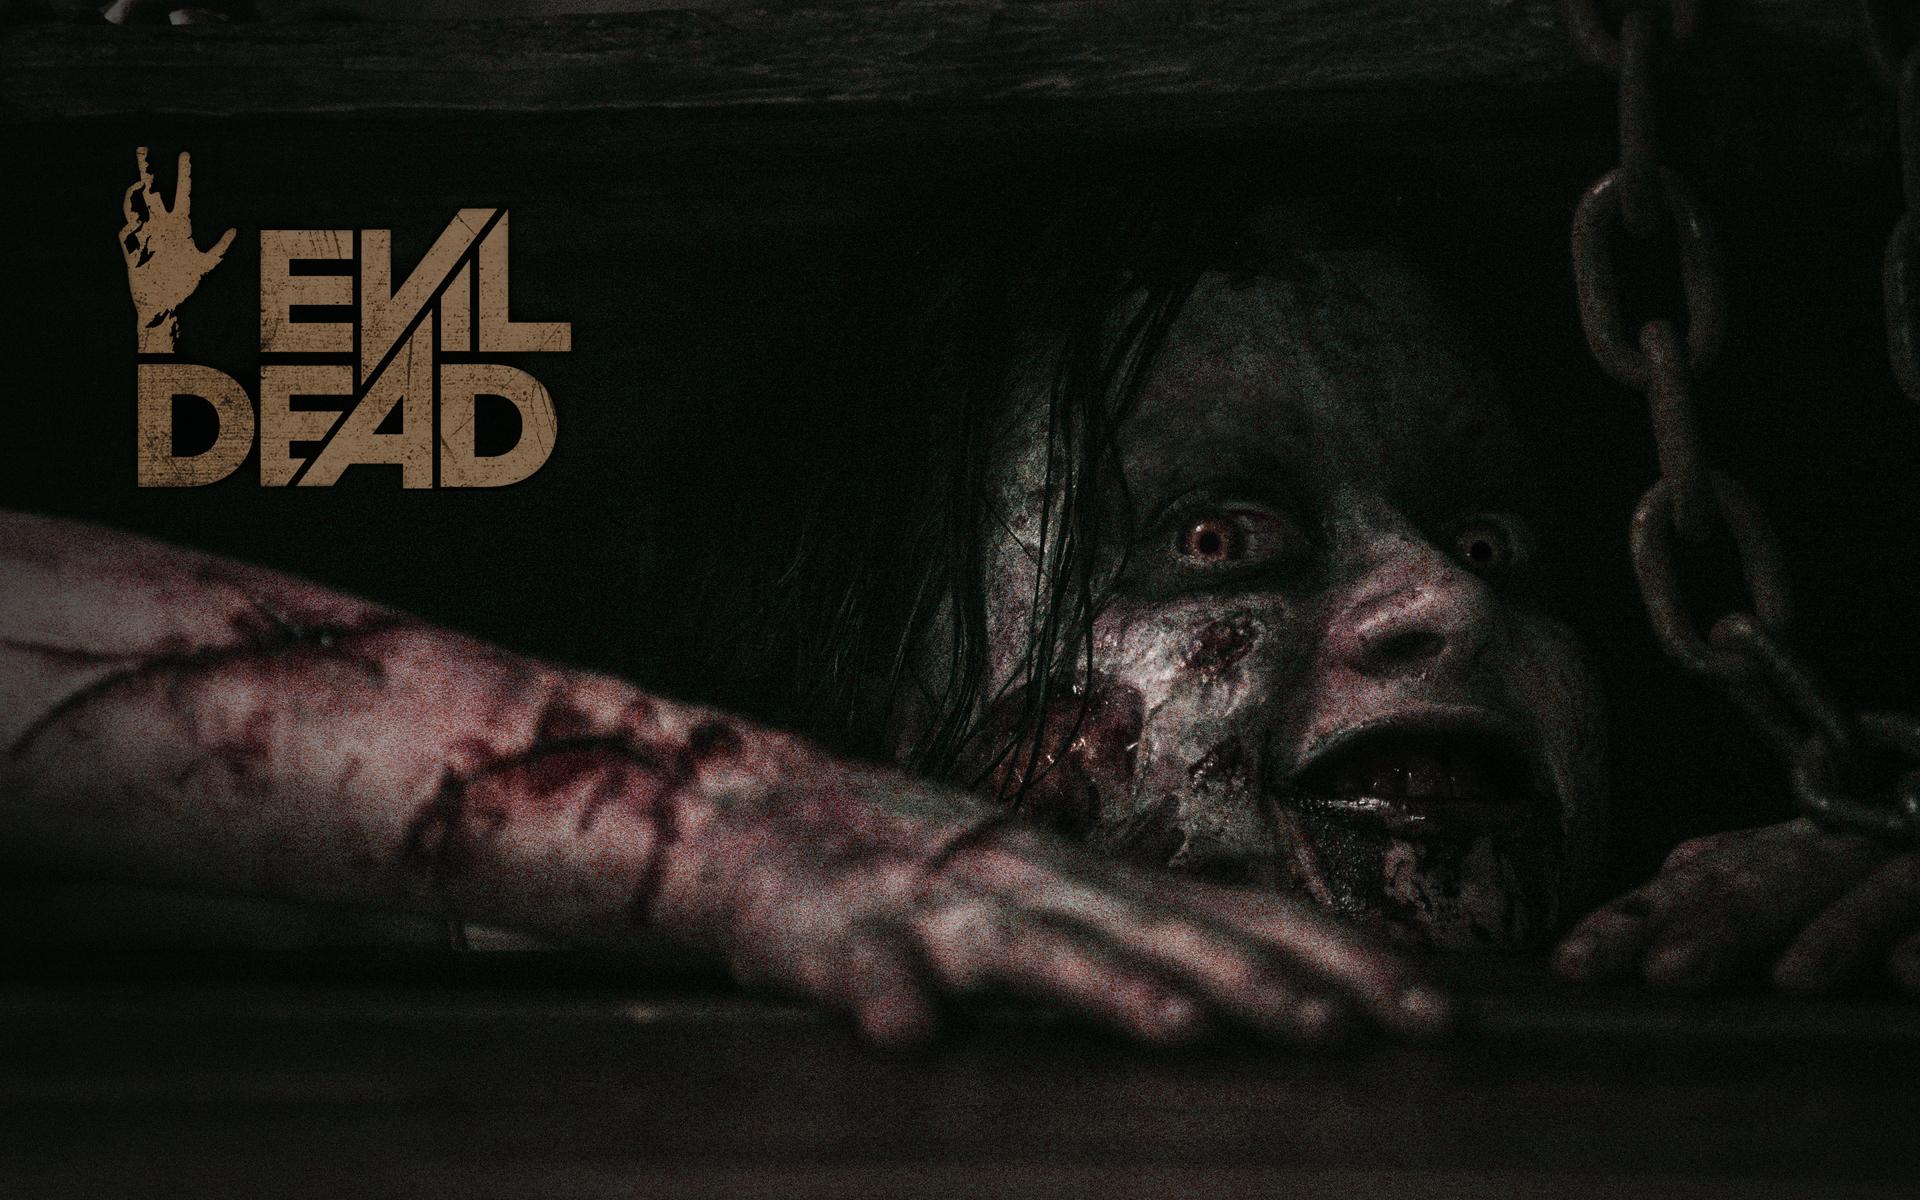 Hd wallpaper evil - Evil Dead 2013 Wallpaper Hd